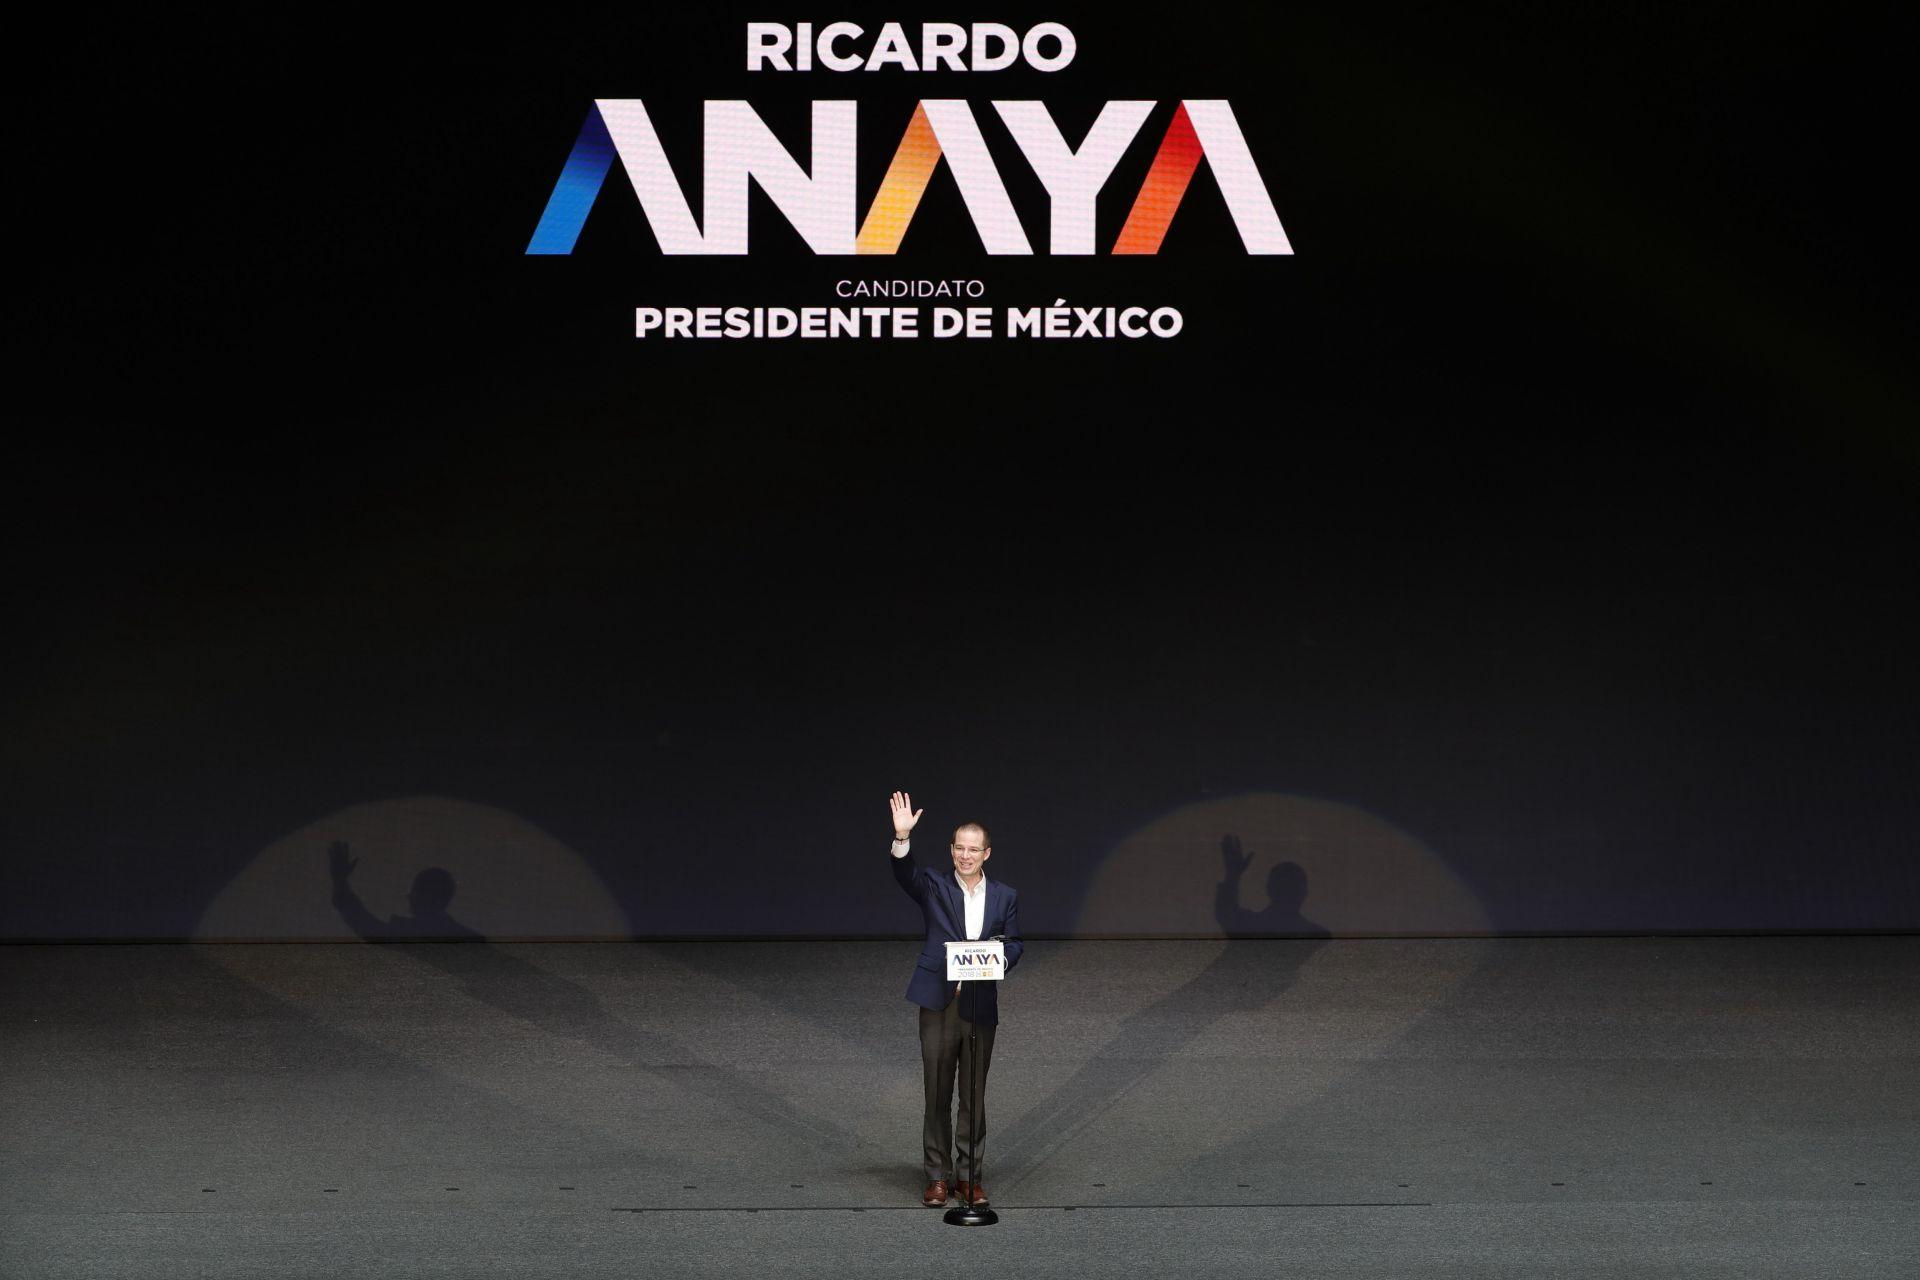 Ricardo Anaya, del Partido Acción Nacional (PAN), que compite en alianza con el izquierdista Partido de la Revolución Democrática (PRD) y Movimiento Ciudadano.